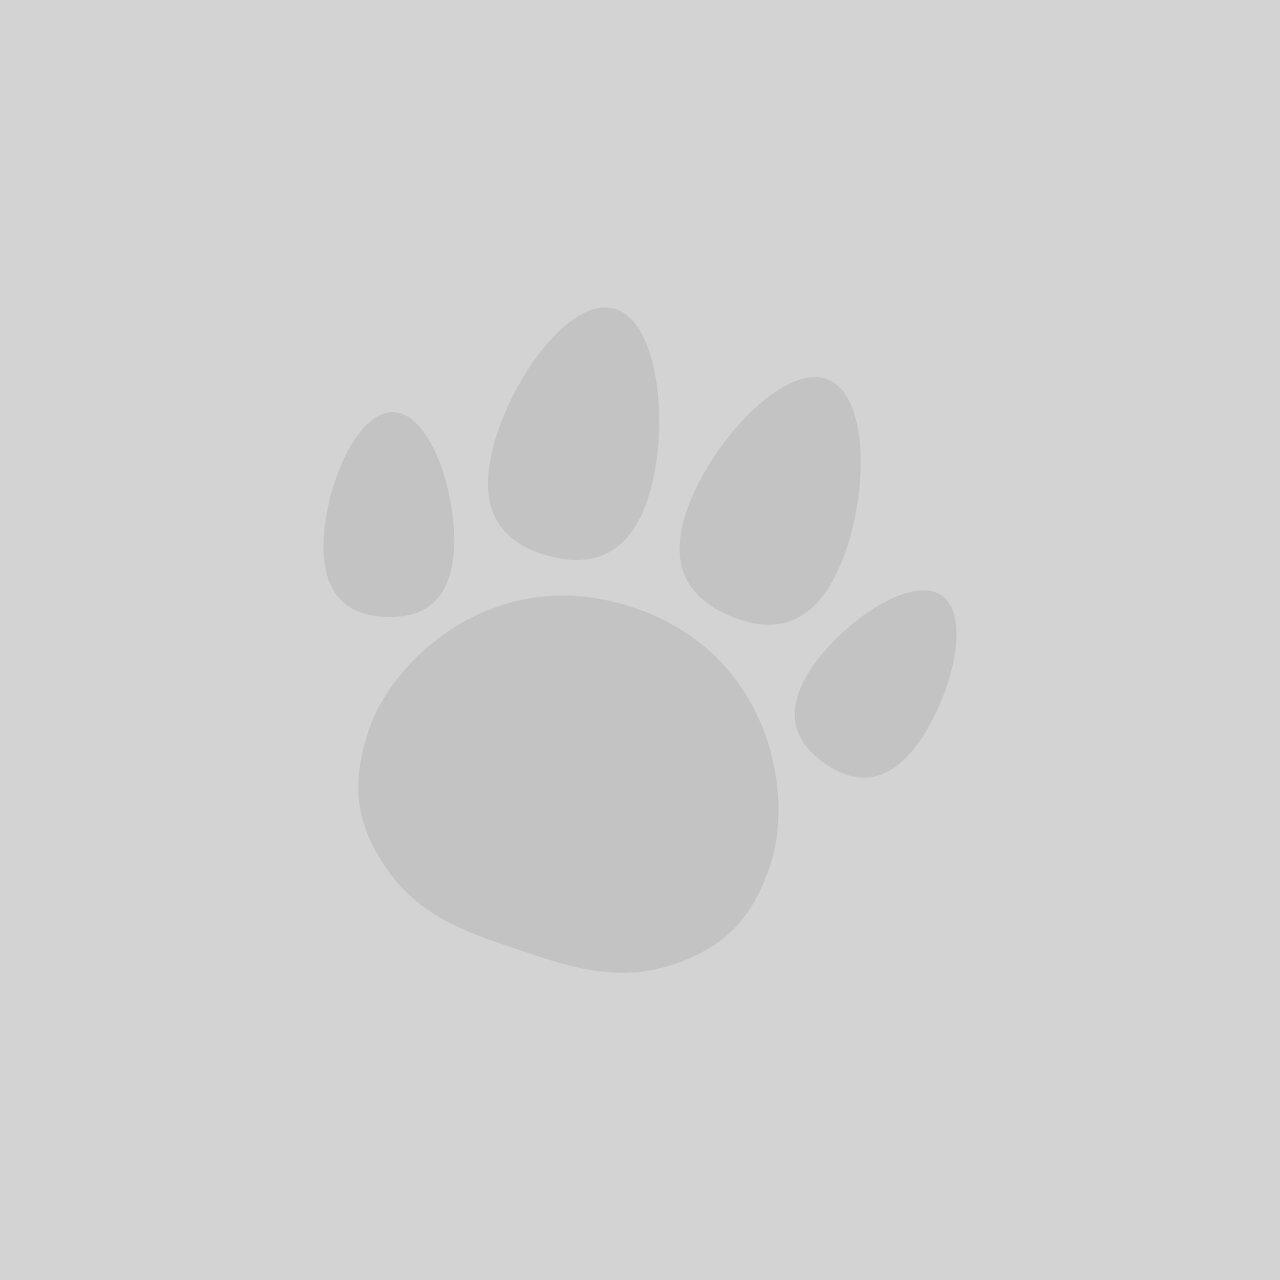 K9 Optimum Puppy Chicken (2 Size Options)